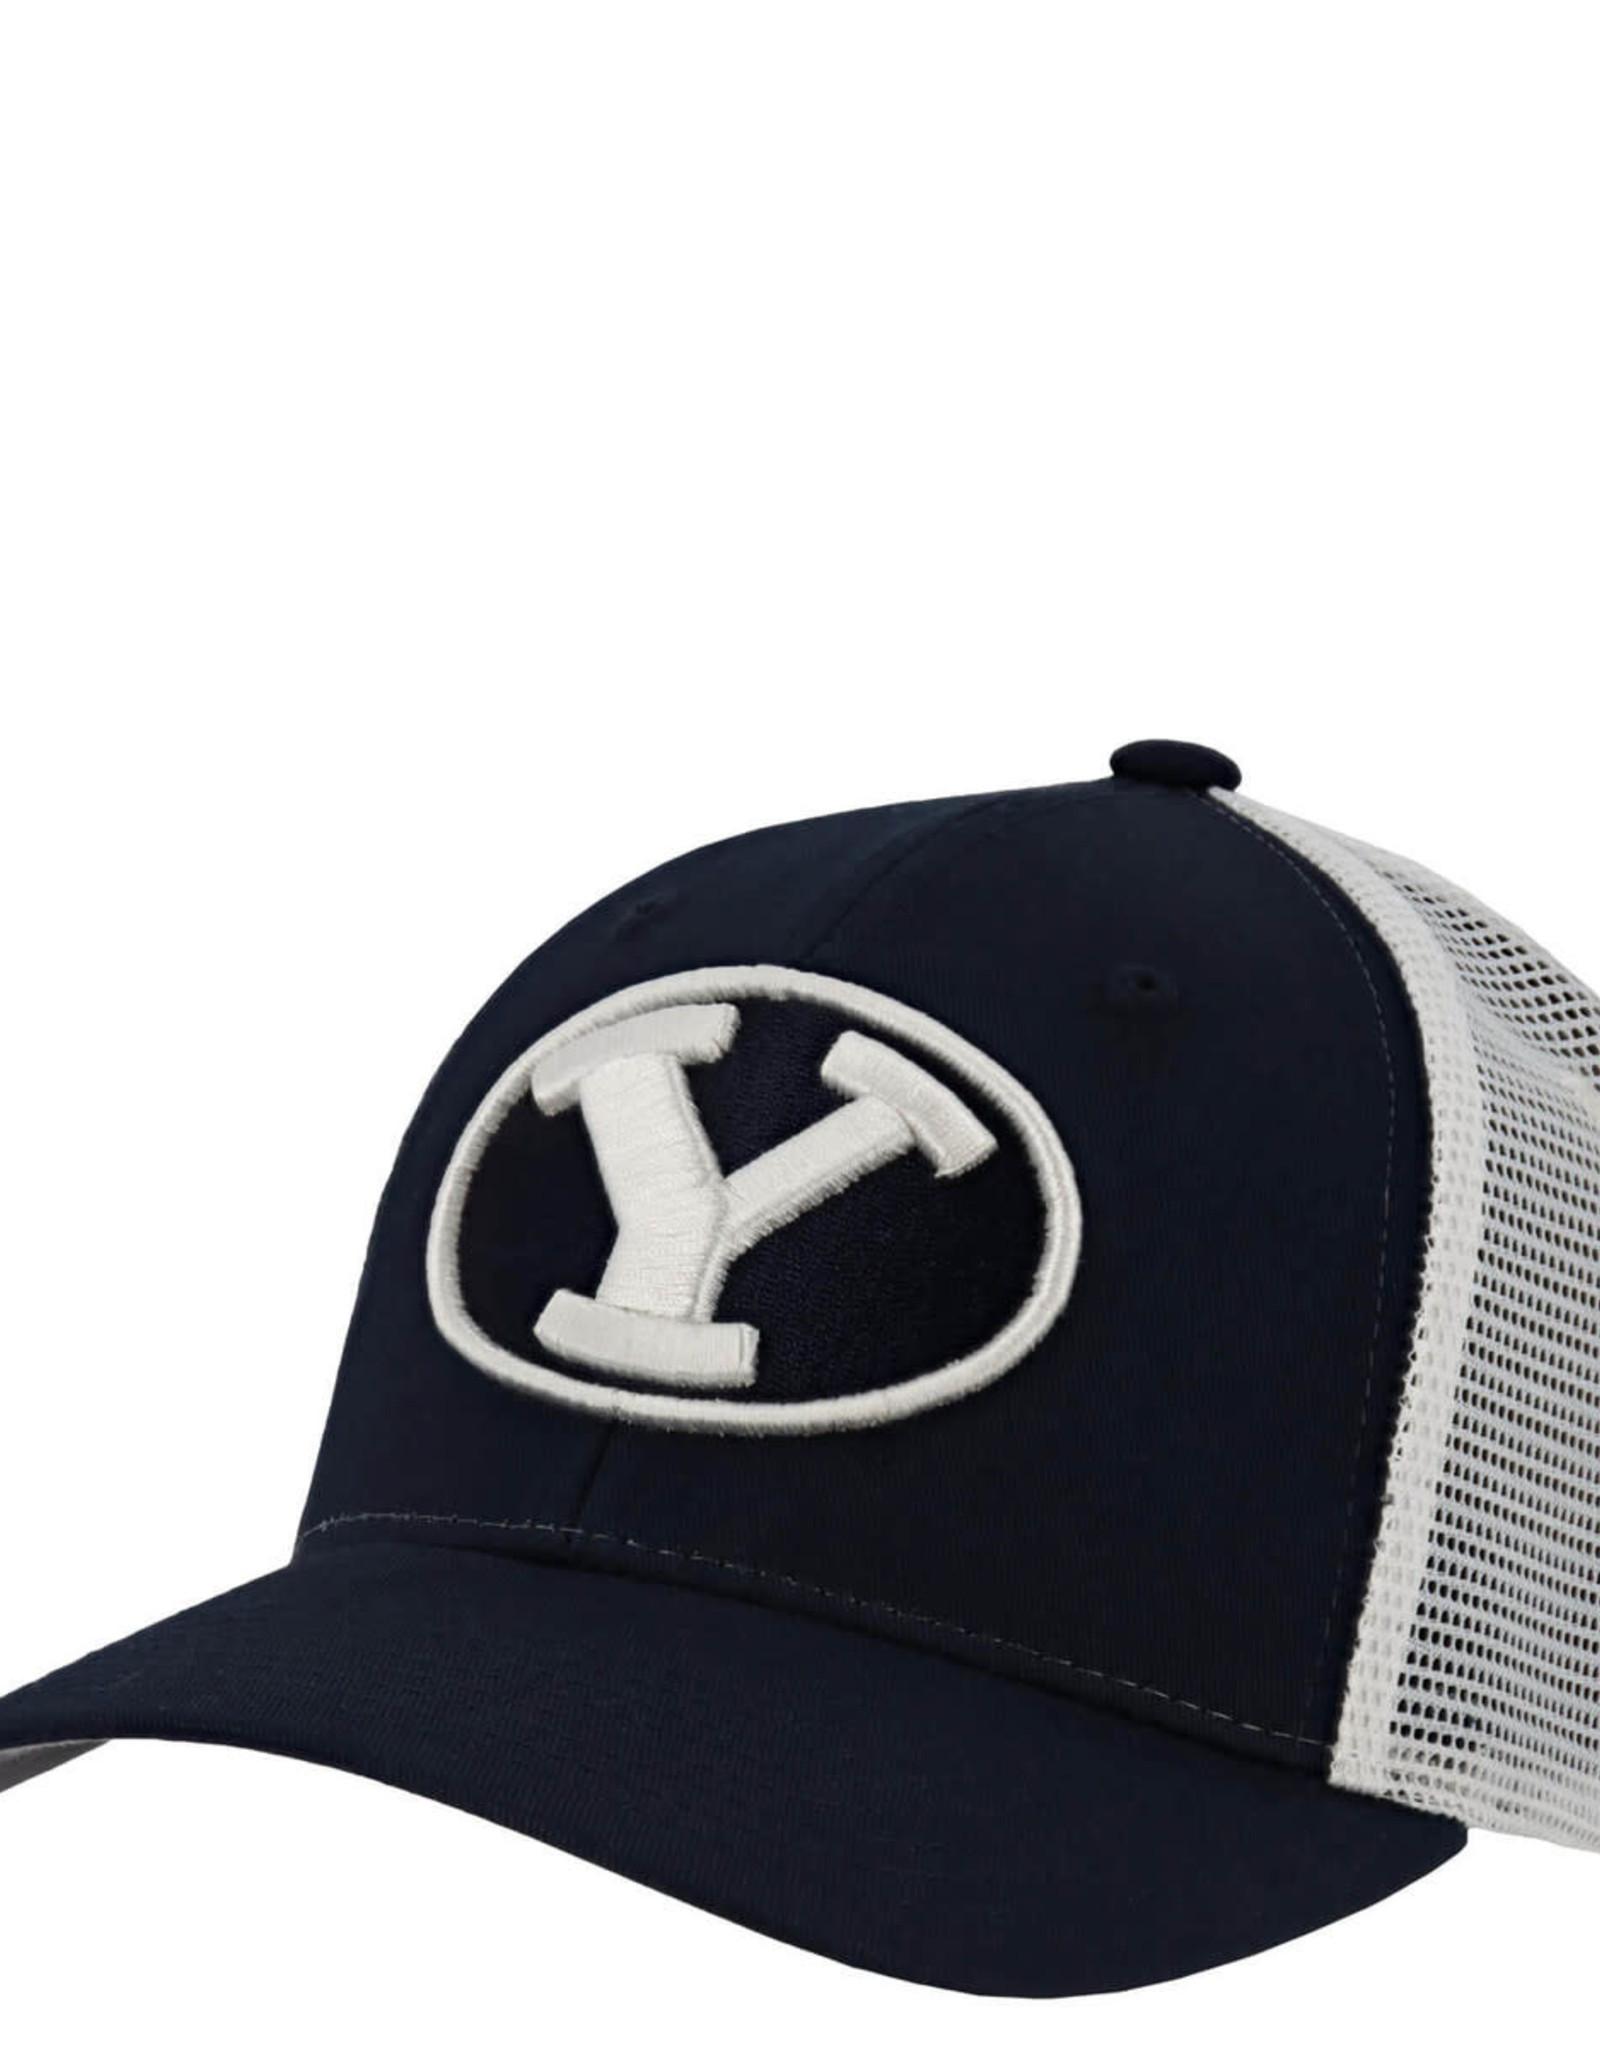 ZEPHYR BYU Provo Hats -